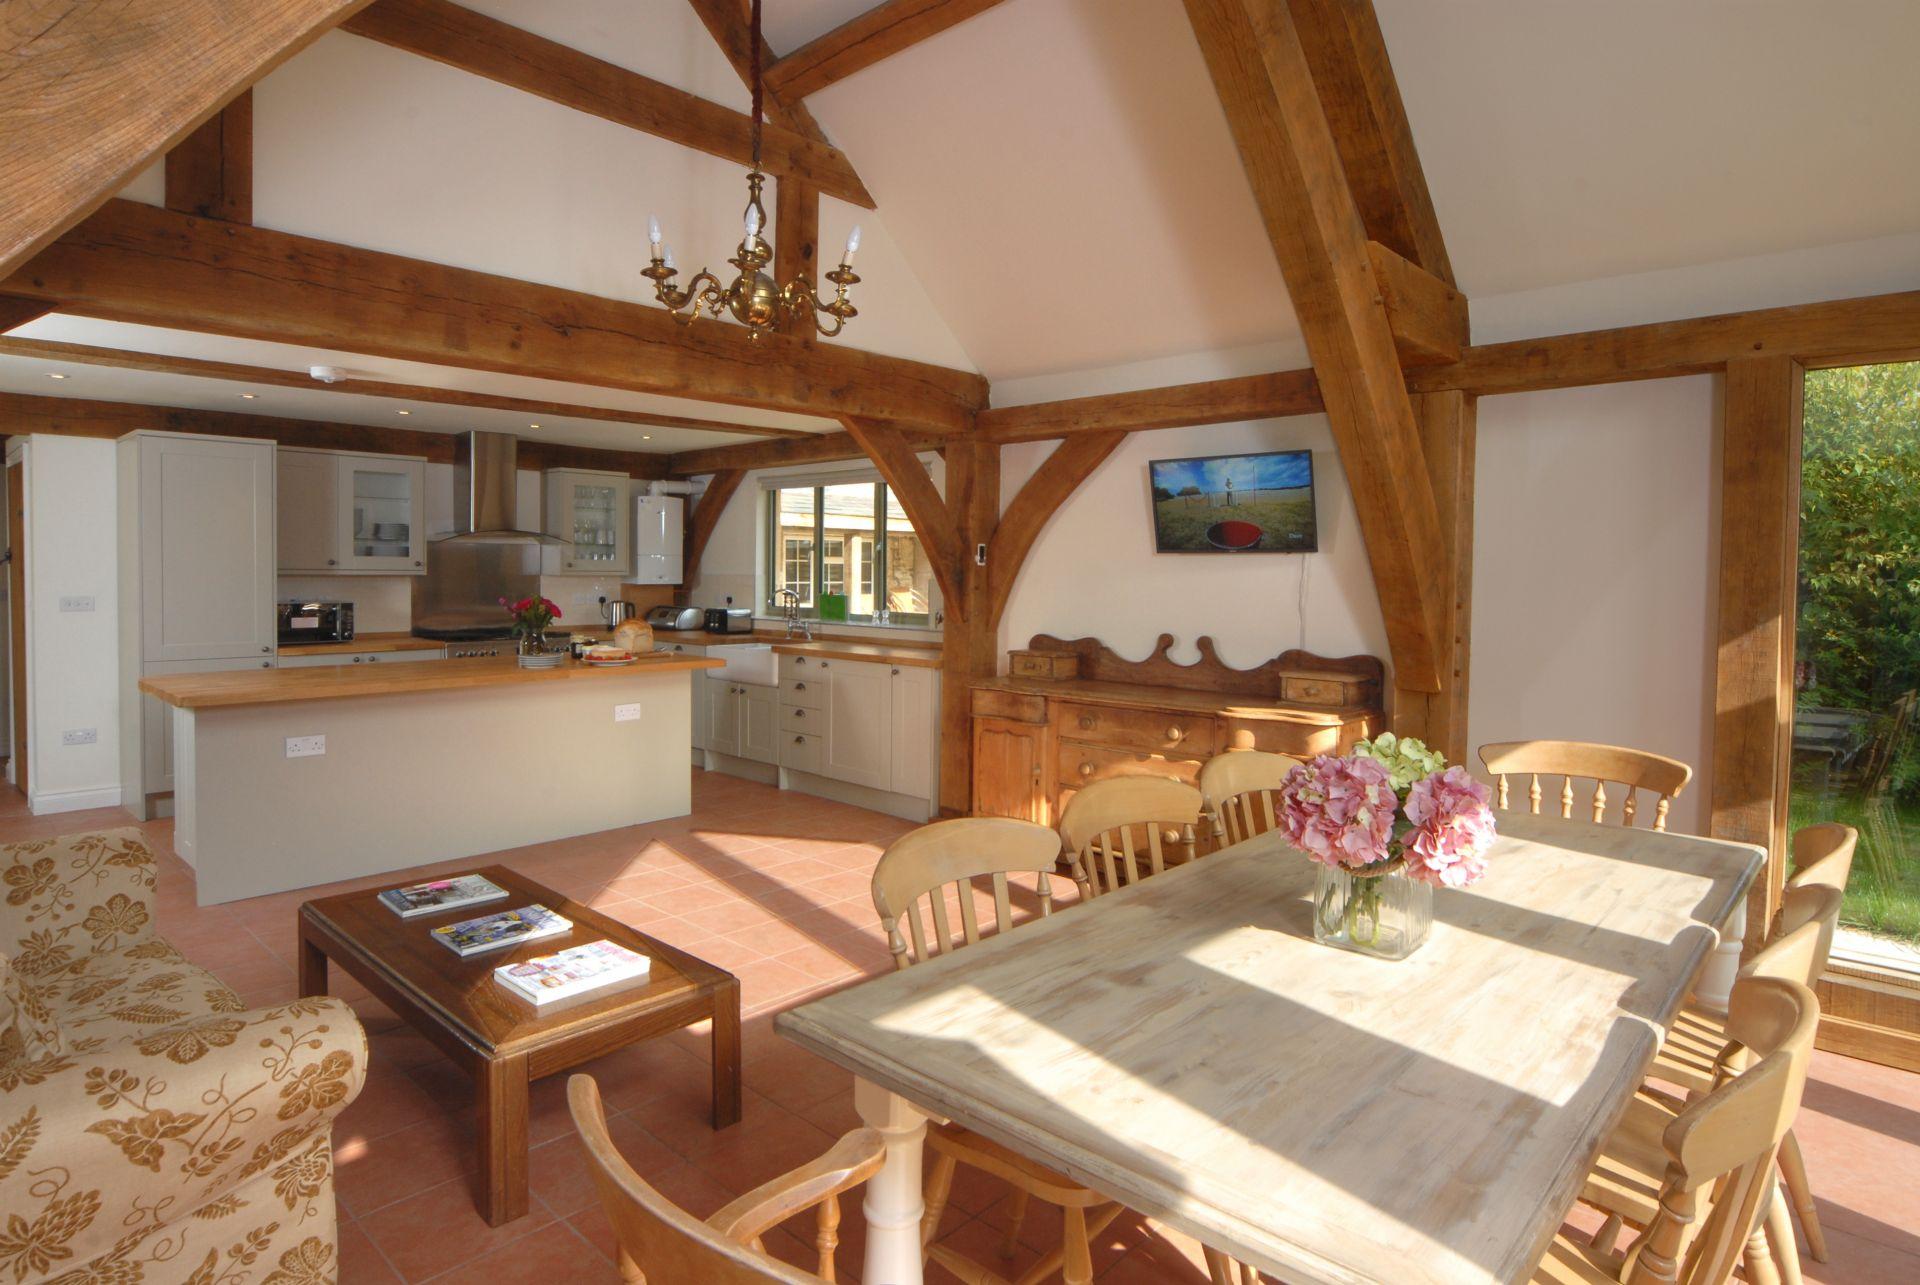 Ground floor: open-plan kitchen/dining area